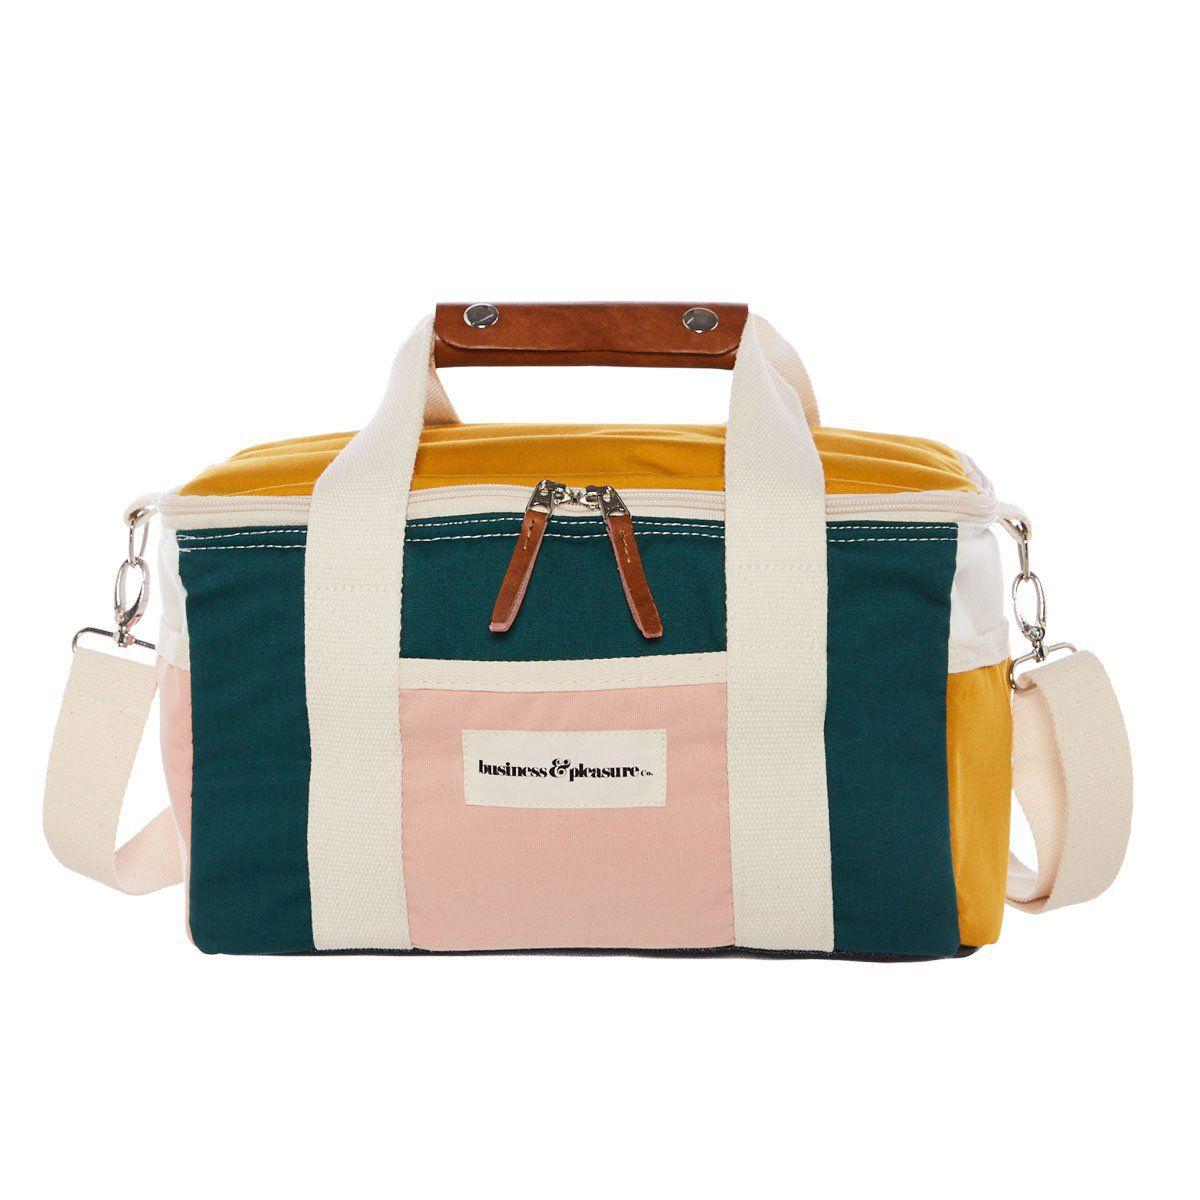 Business & Pleasure Premium Cooler Bag